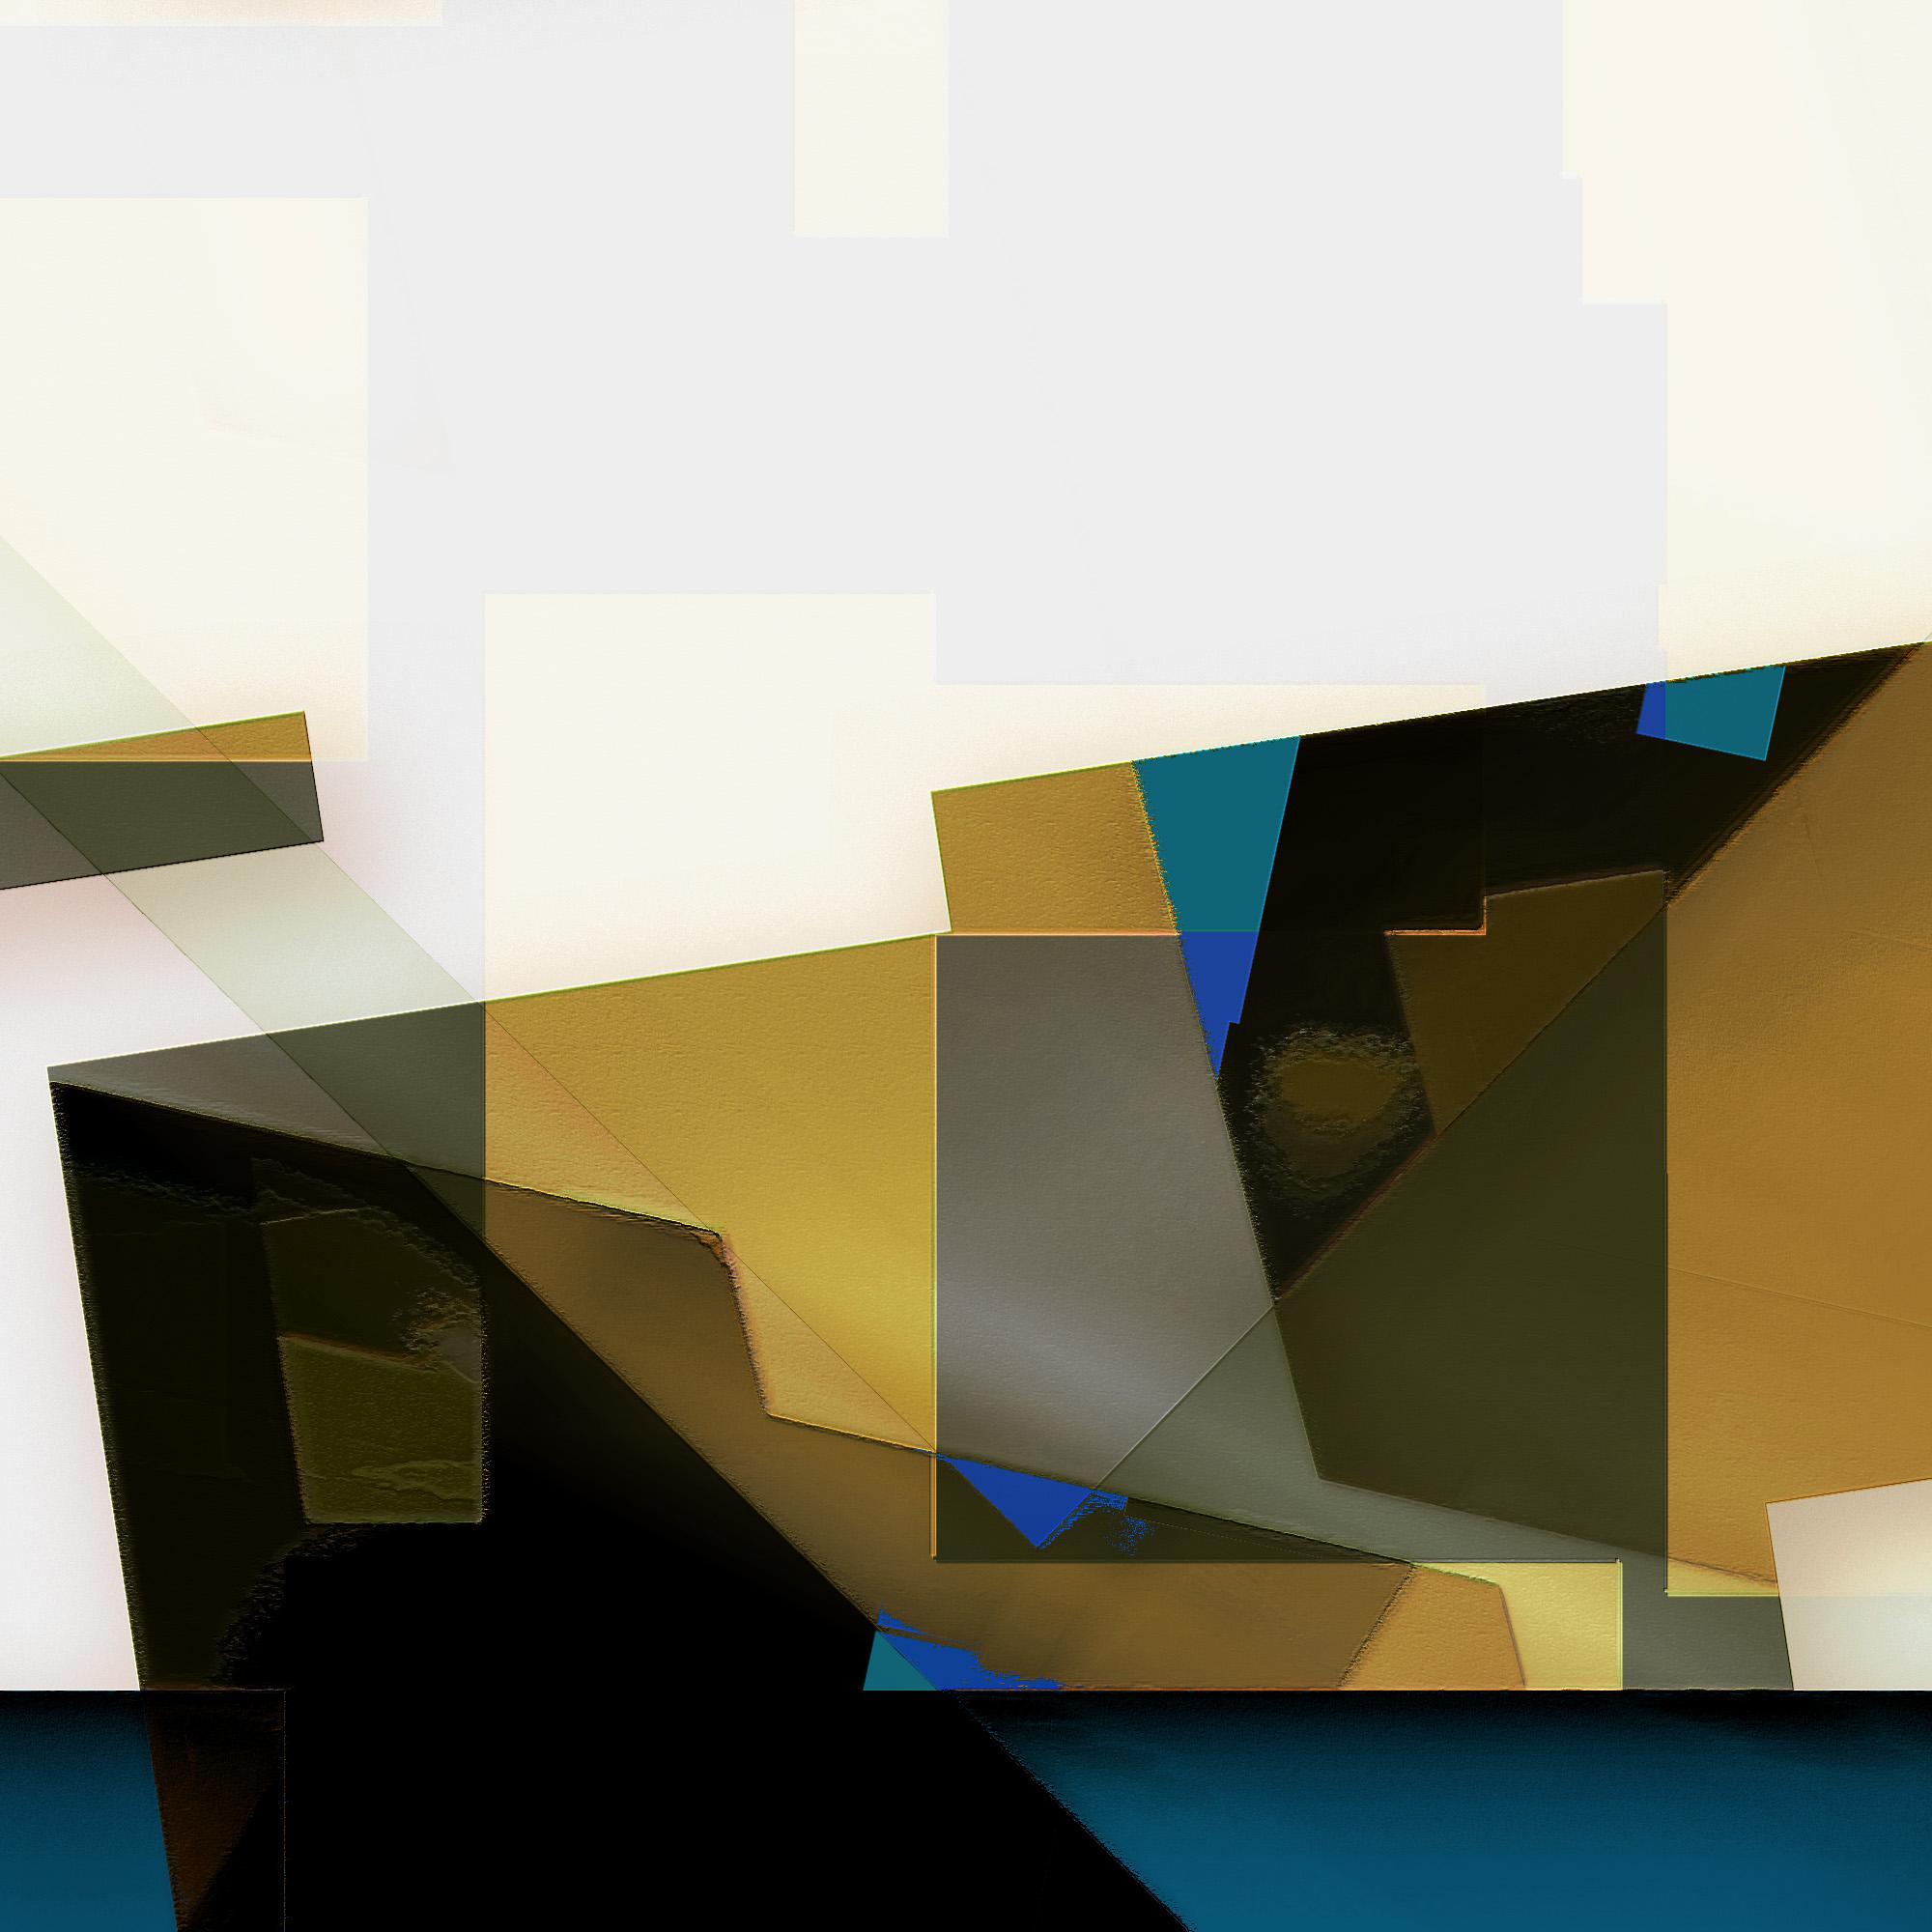 190206_Whats_Left_Detail4.jpg